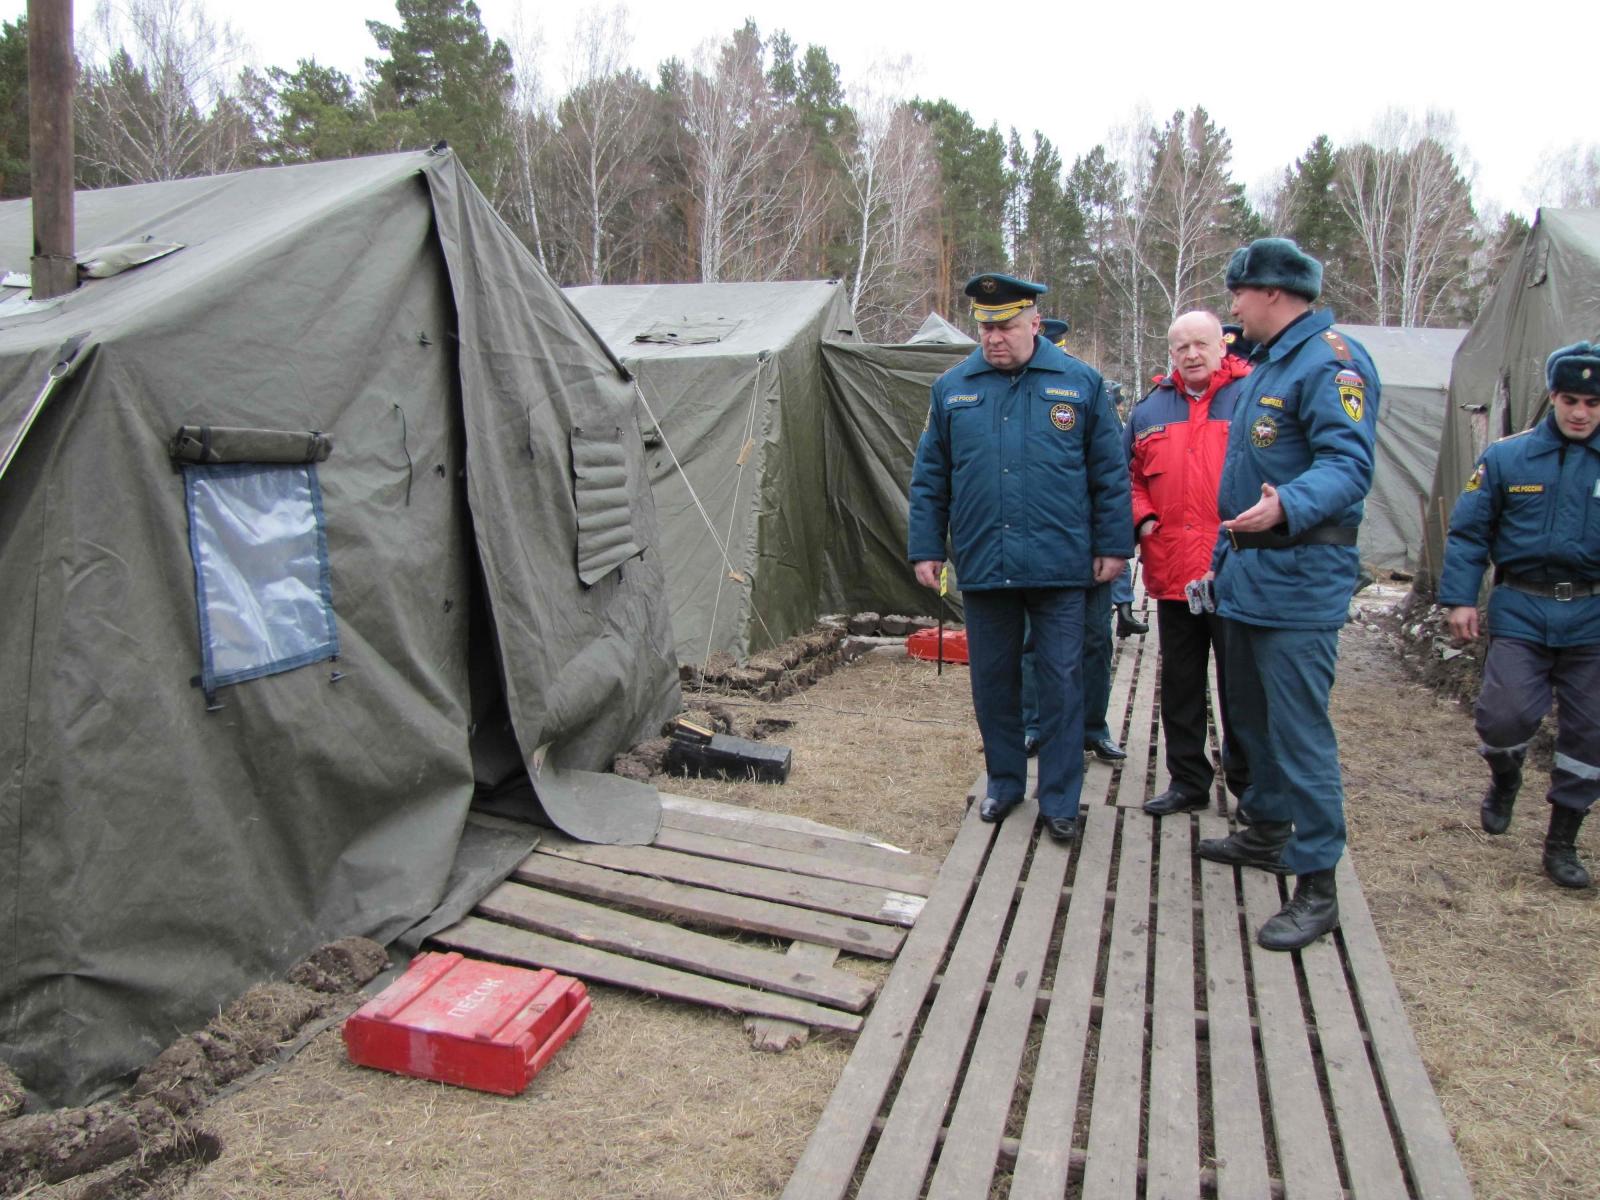 В поселке Аникино развернут полевой лагерь военнослужащих Сибирского спасательного центра МЧС России, 15 апреля 2015 года